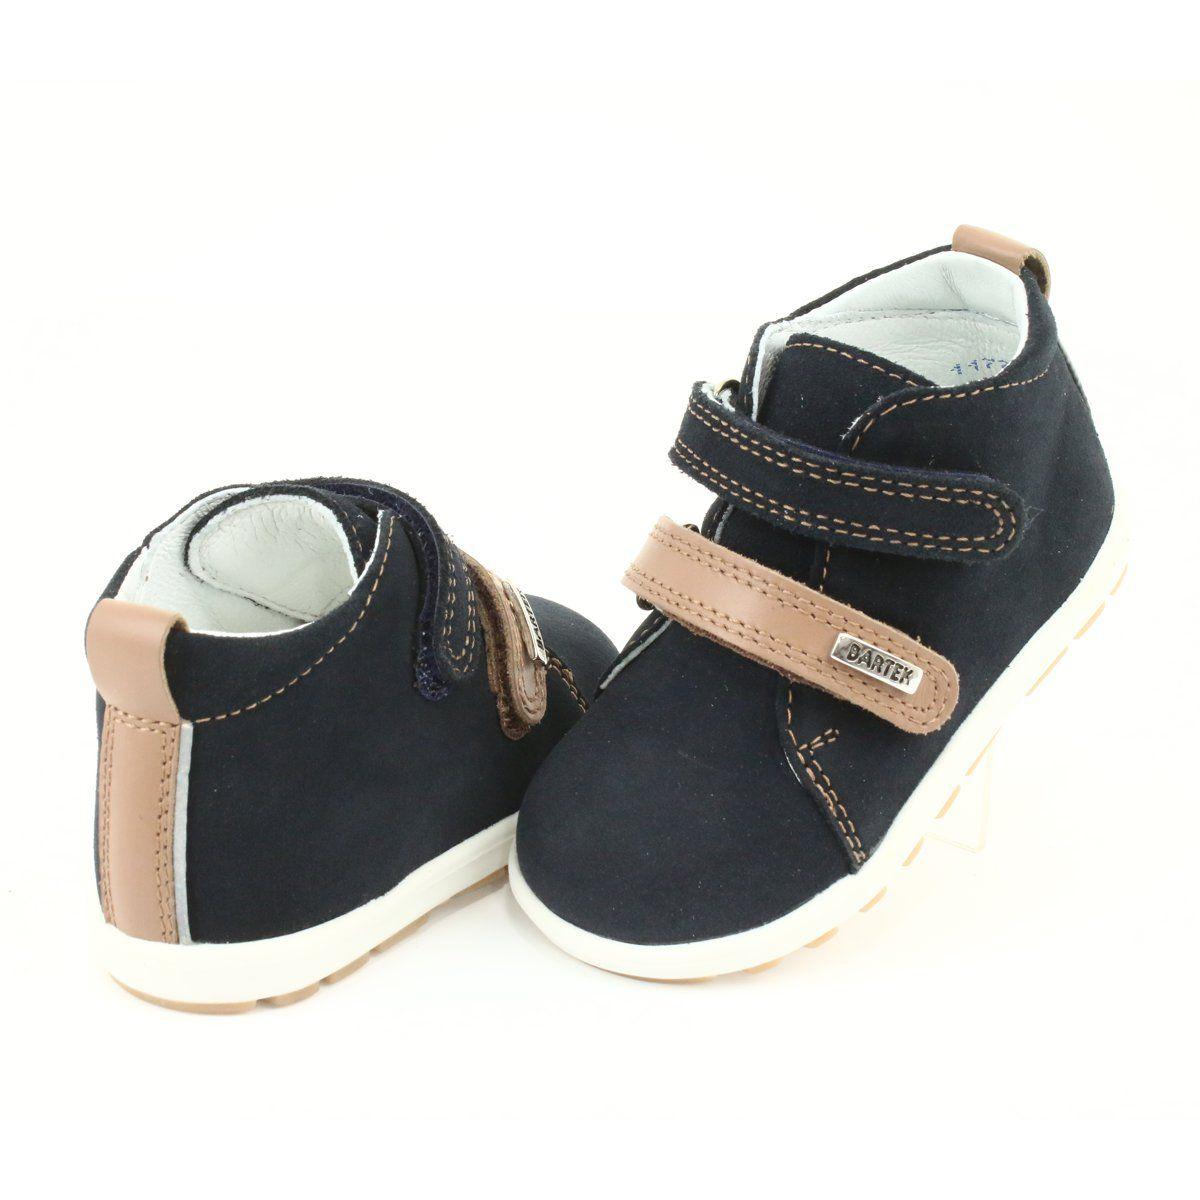 Profilaktyczne Trzewiki Chlopiece Bartek 11773 Granatowe Baby Shoes Shoes Fashion